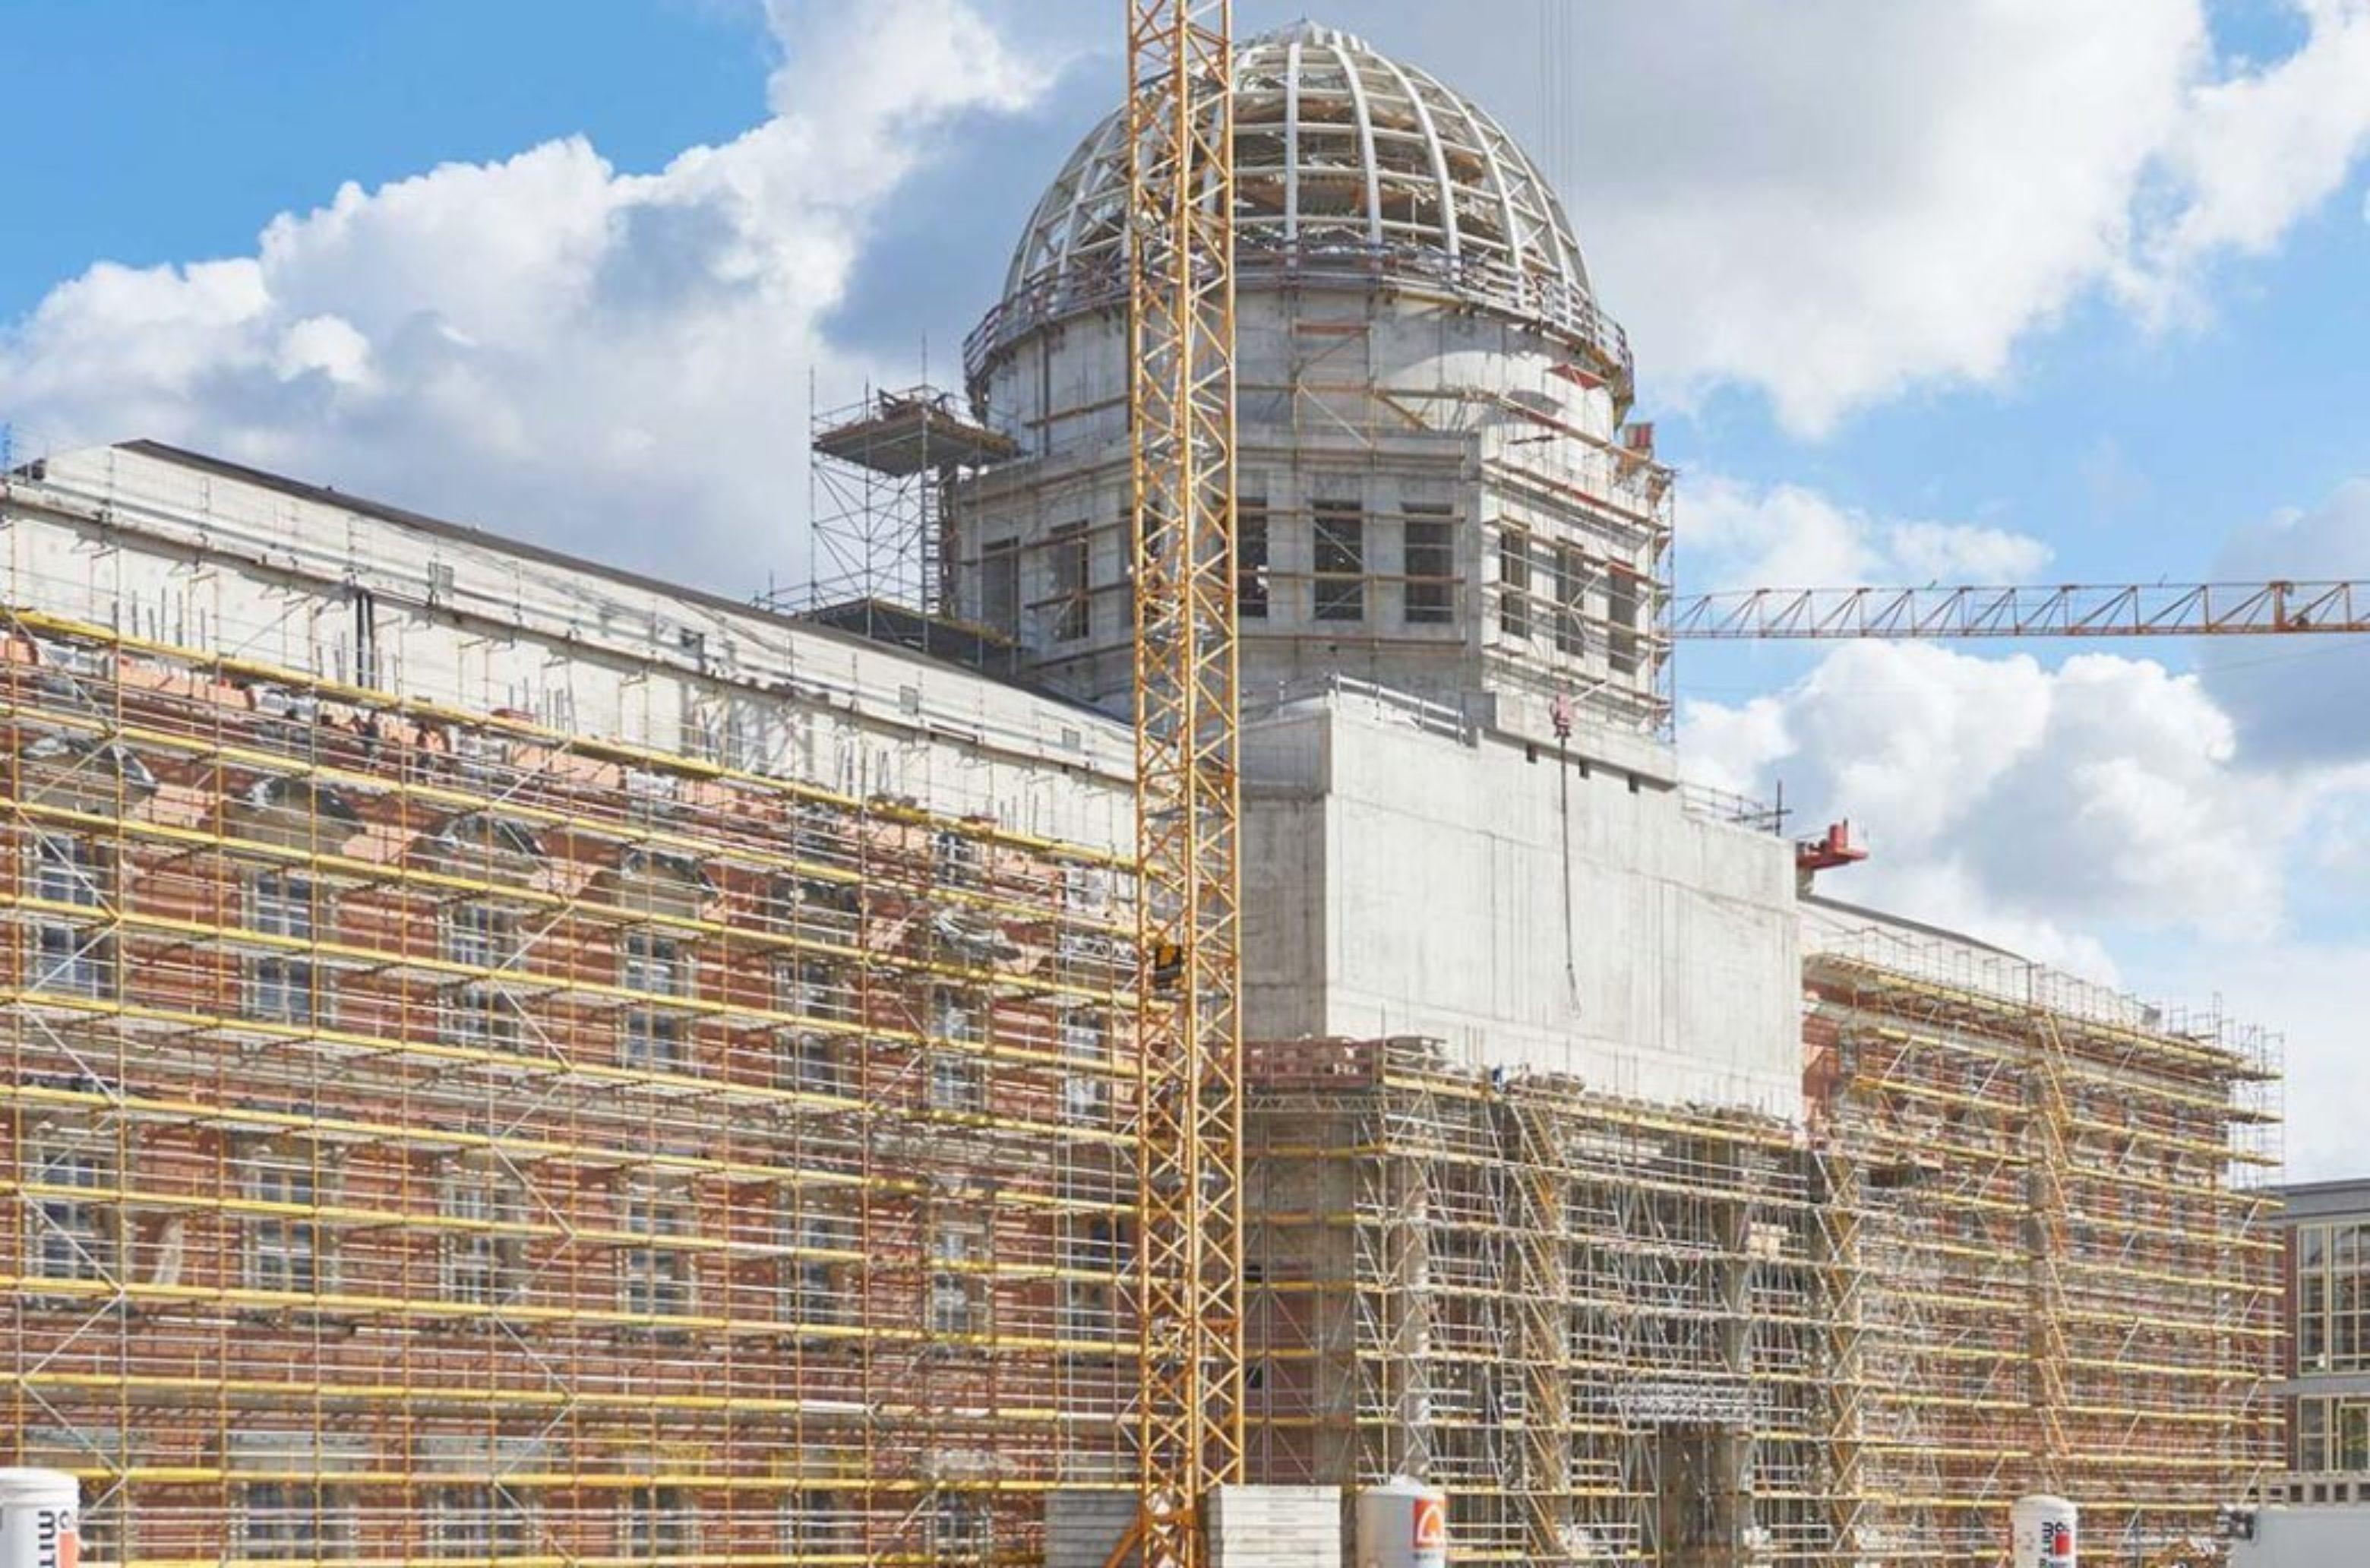 Humboldt Forum in construction